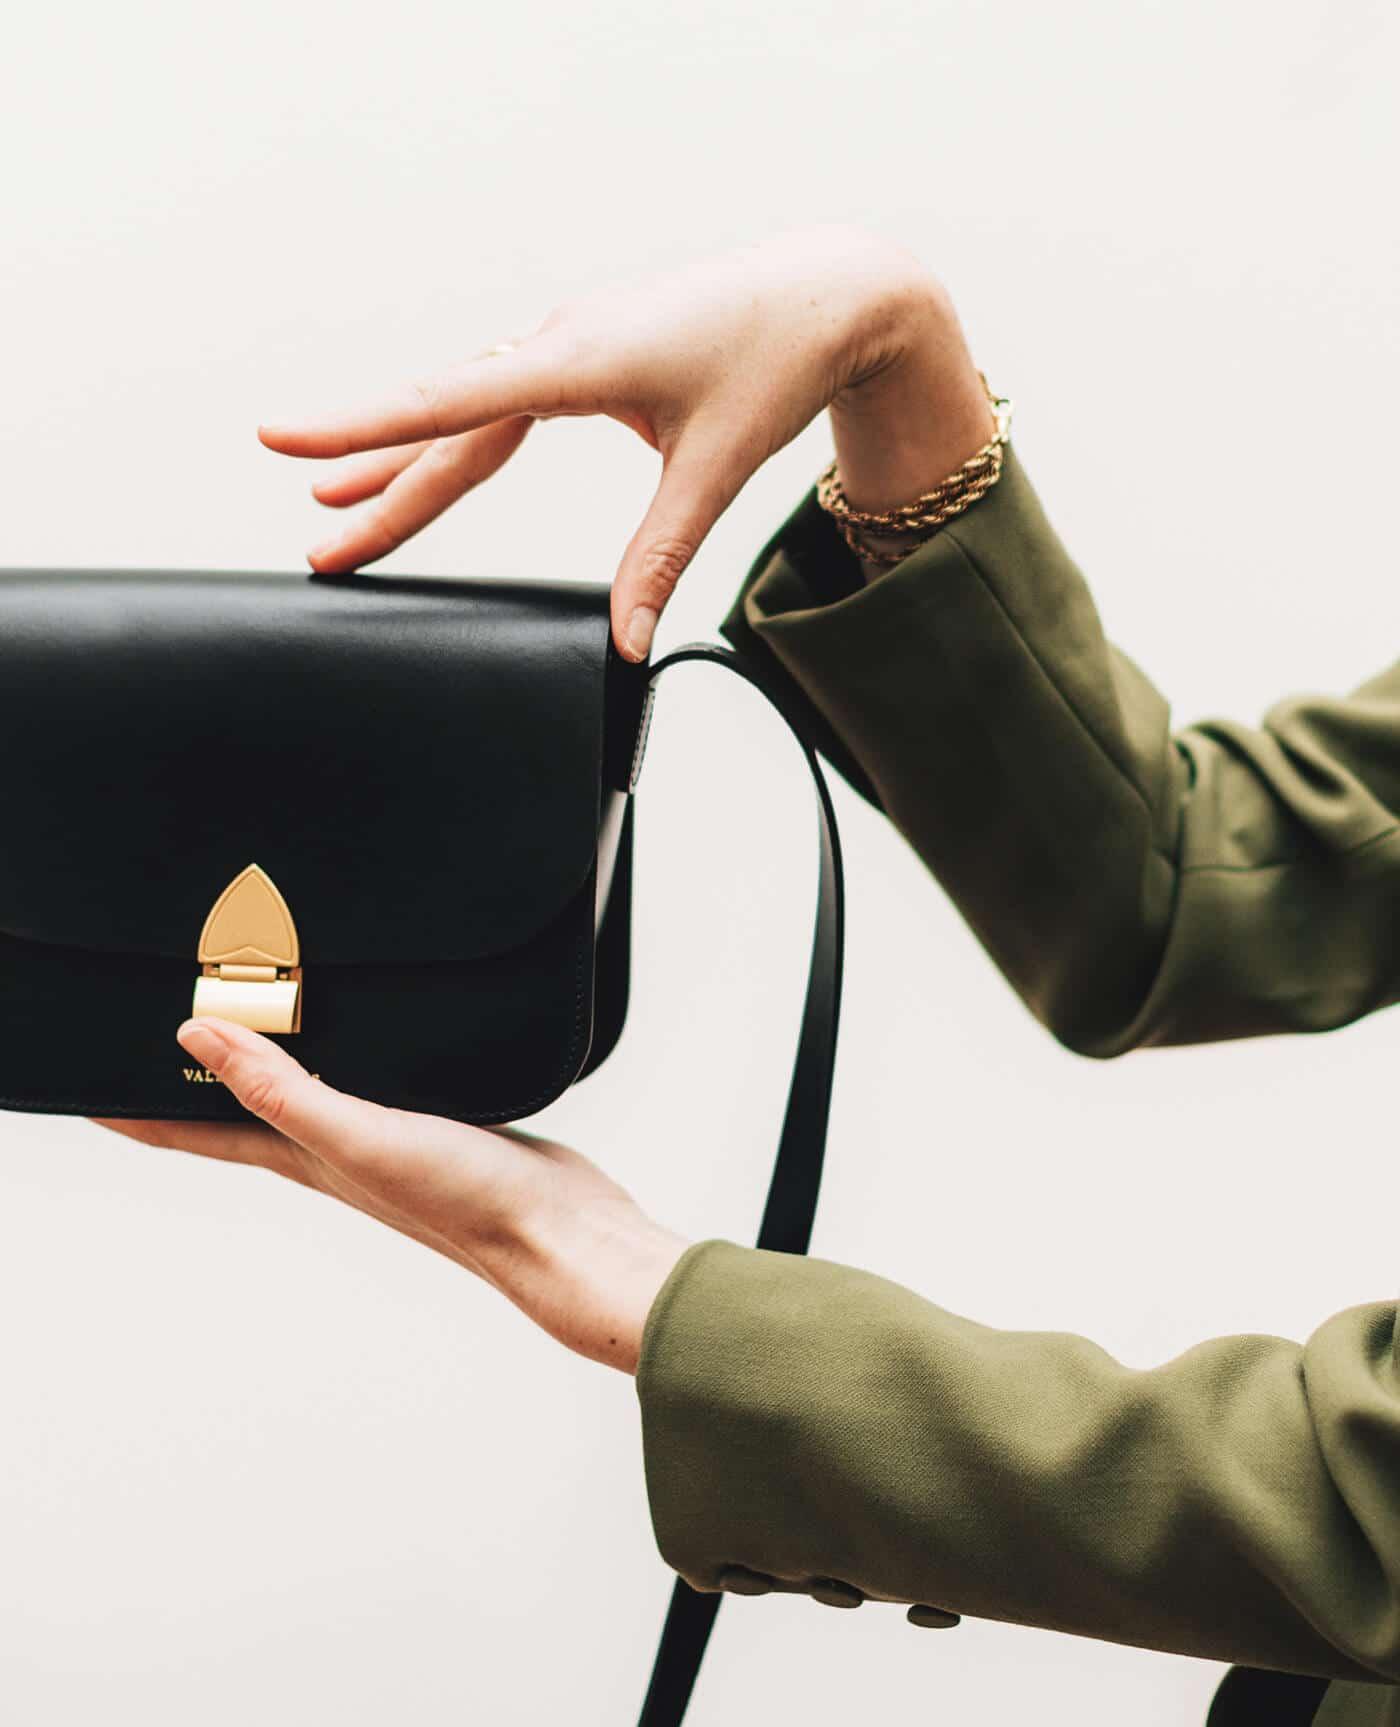 Sac en cuir colette noir de la marque Valet de pique, made in france.